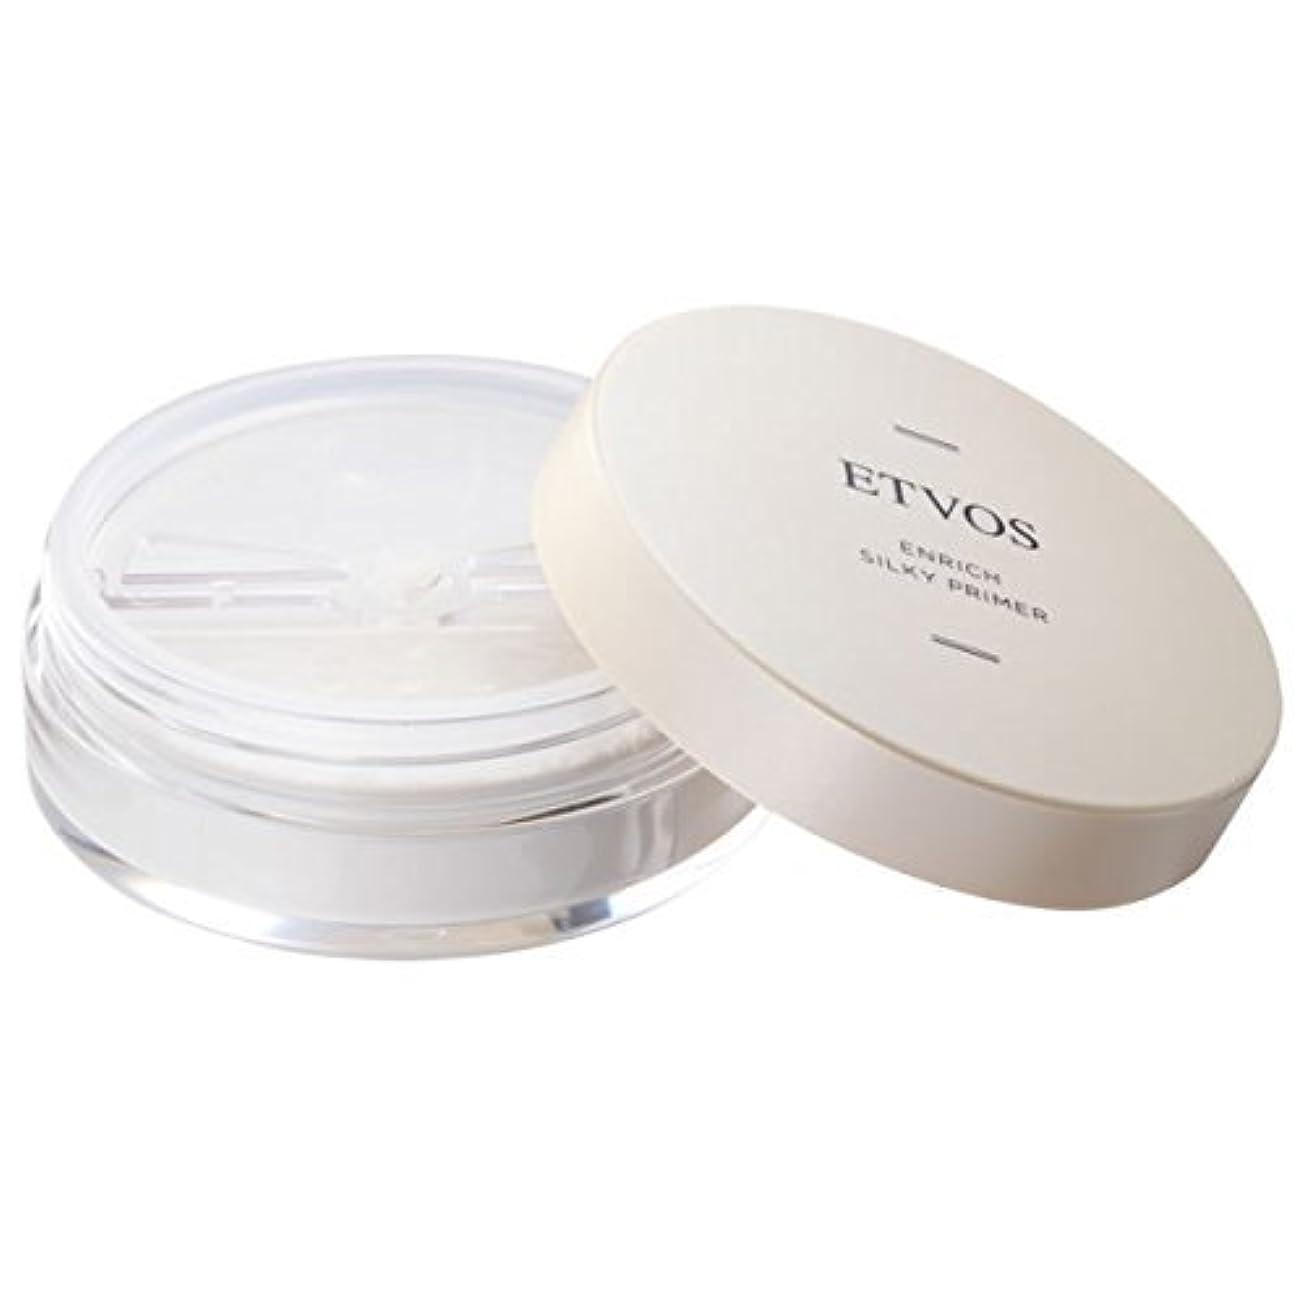 ヘルパー本添加ETVOS(エトヴォス) エンリッチシルキープライマー 5g